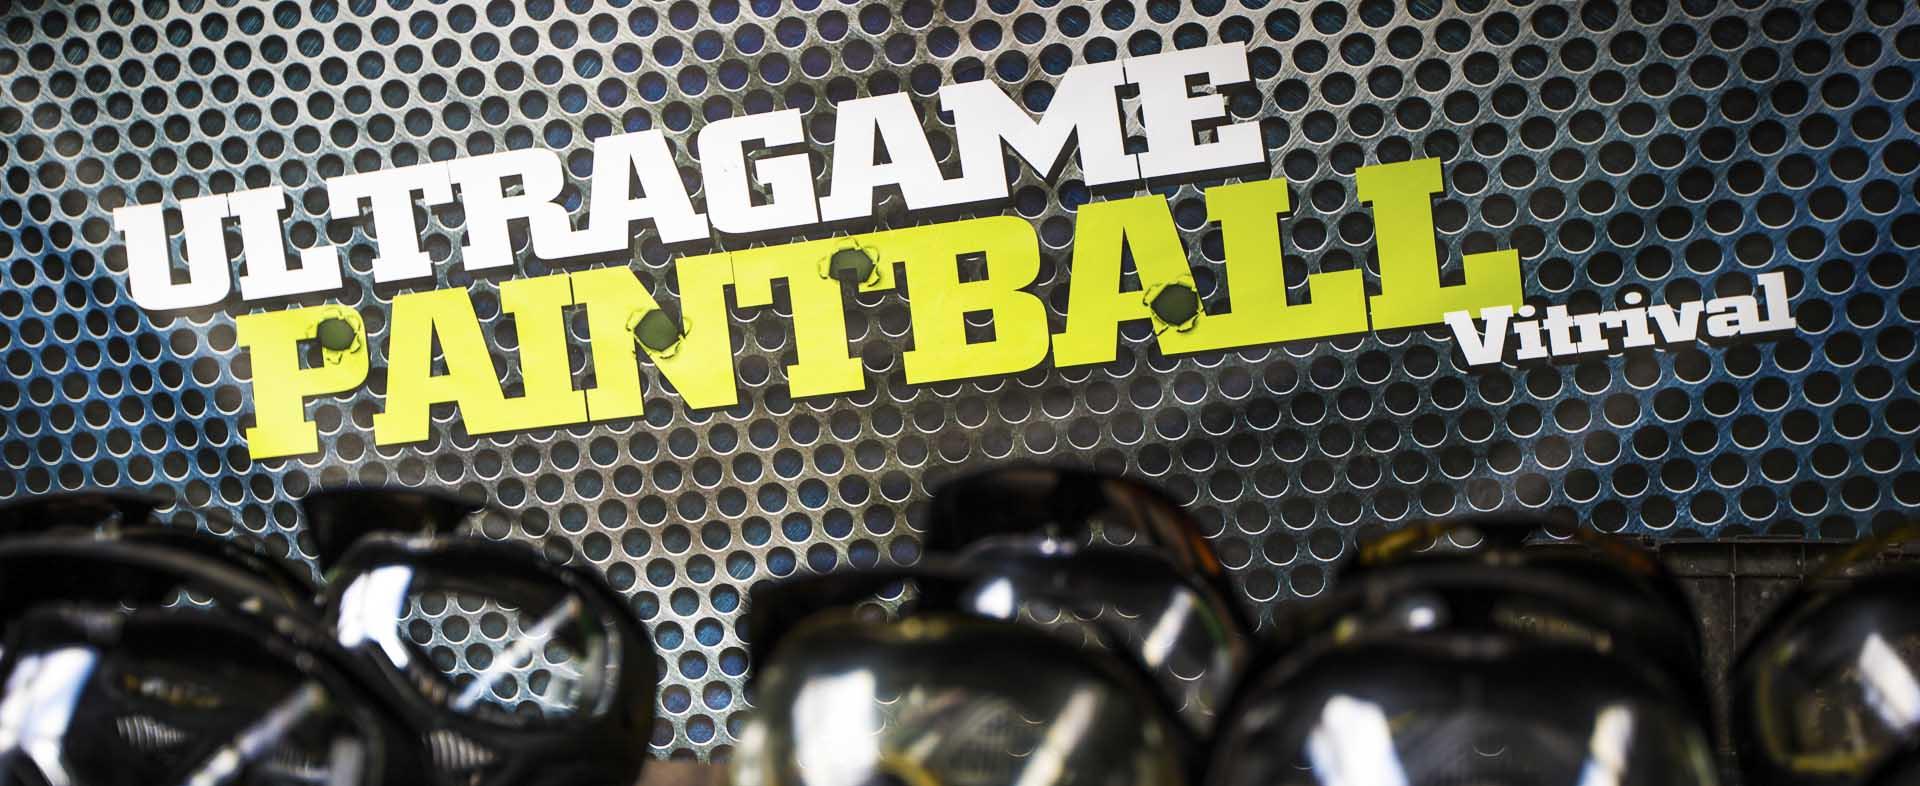 Ultragame Paintball - Lasergame - Charleroi - Namur - bis